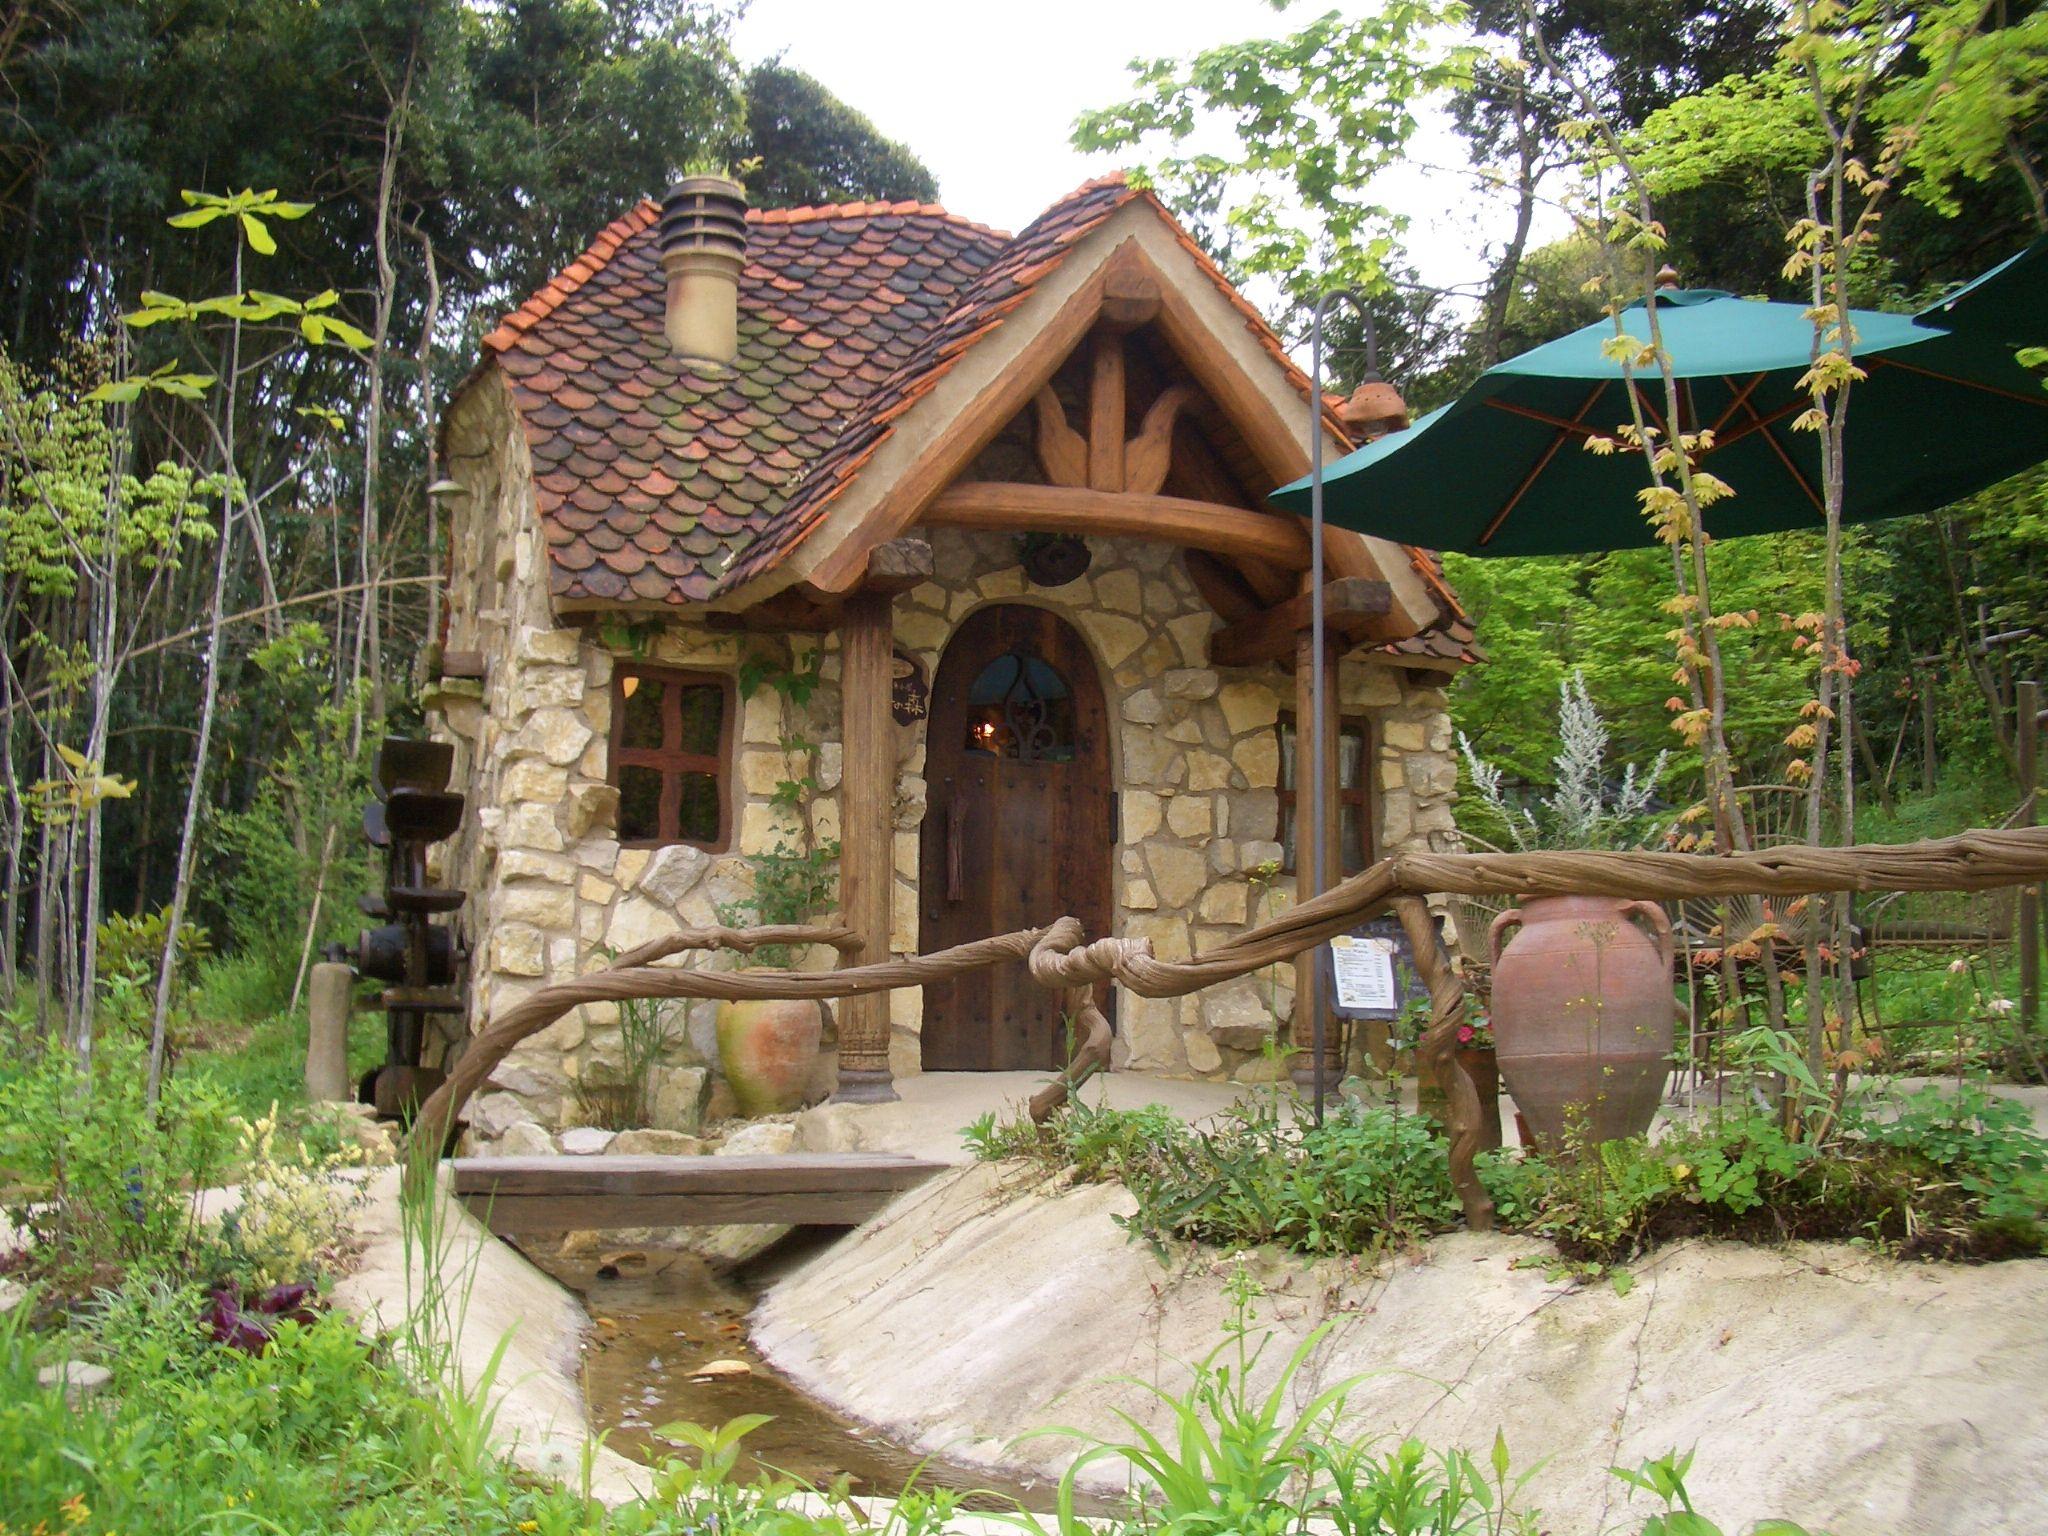 ファインド トラベル ファンタジーハウス 小さなコテージ 家 外観